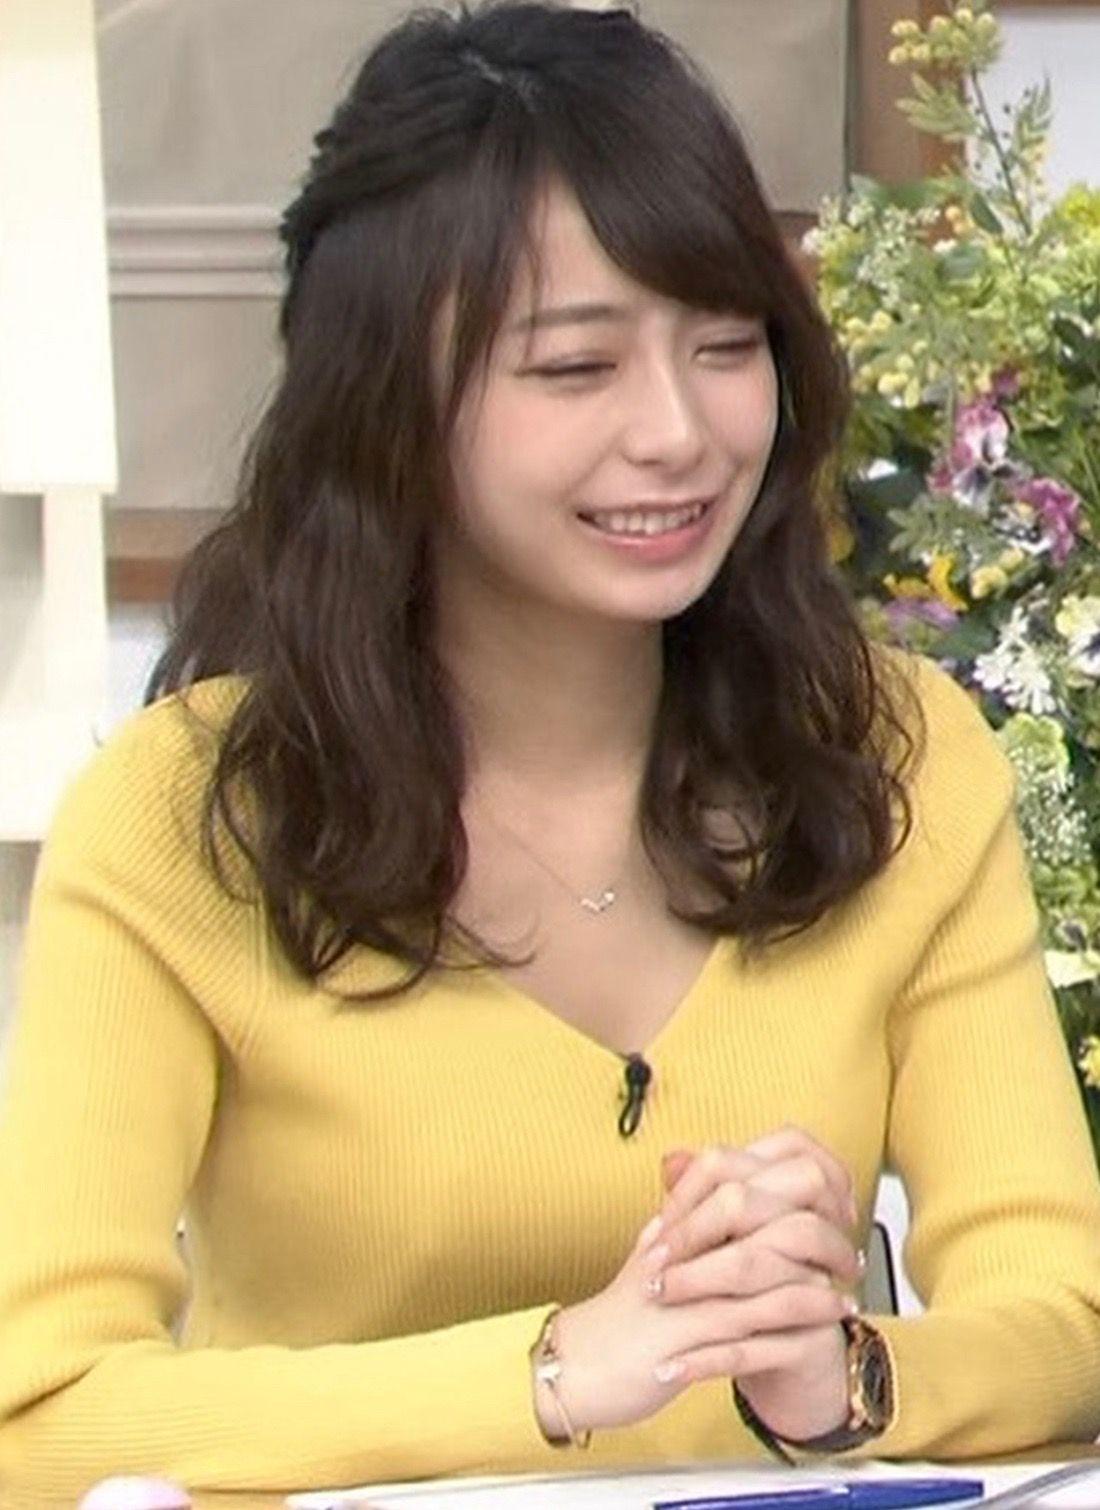 宇垣美里水着 taiga12160715 さんのボード「宇垣美里 黄色系」で、他にもたくさんのピンを見つけましょう。